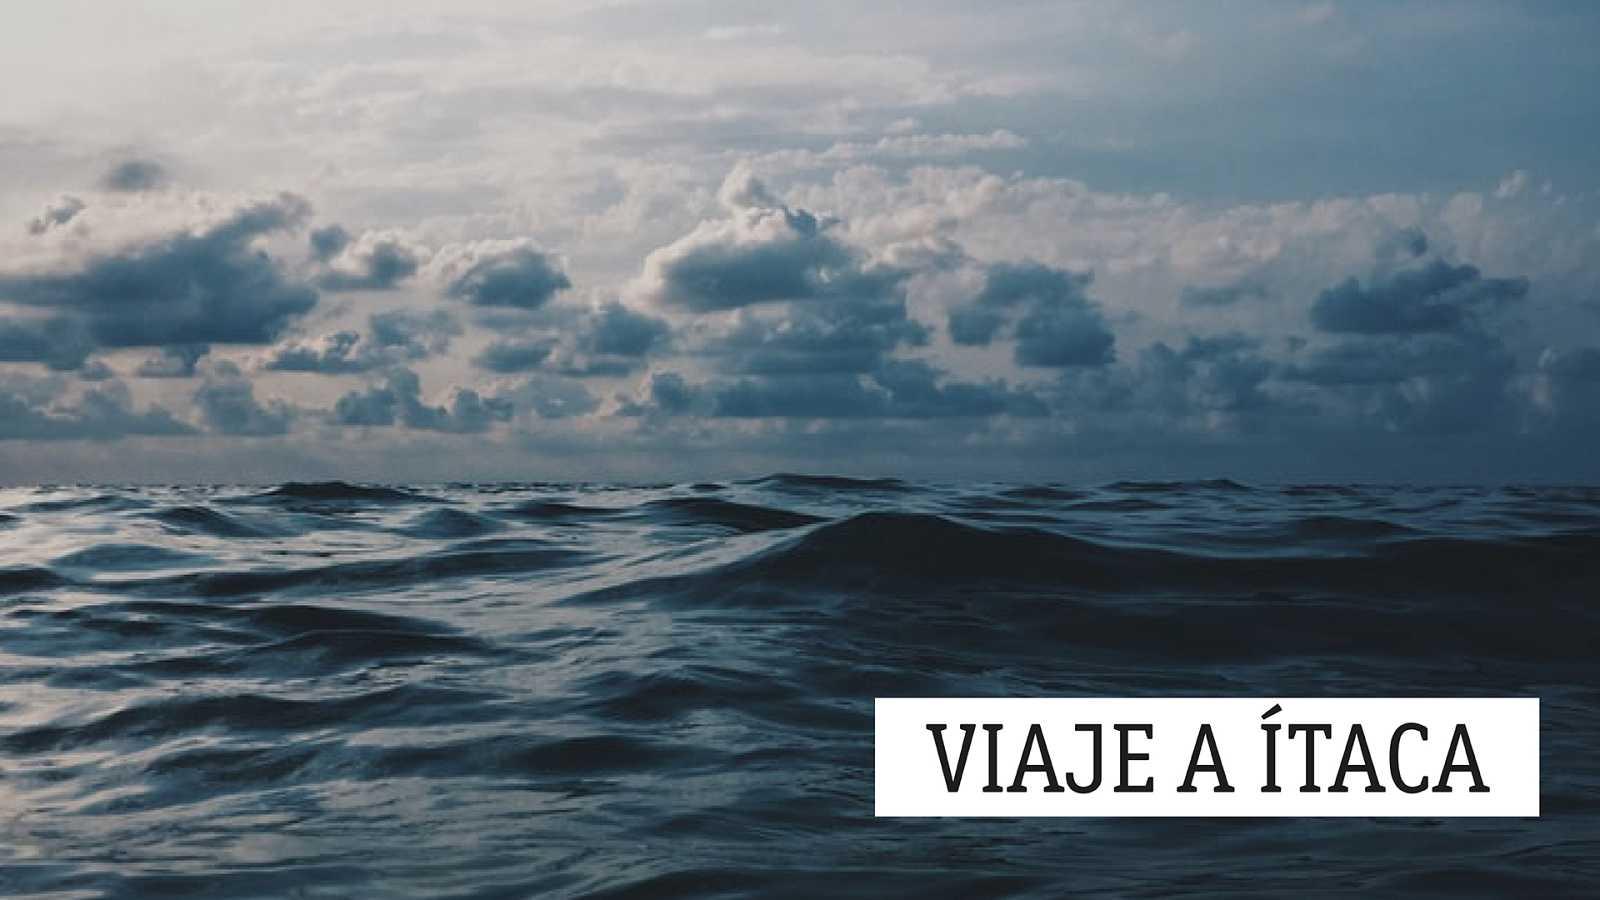 Viaje a Ítaca - El retorno de César Franck - 14/06/20 - escuchar ahora